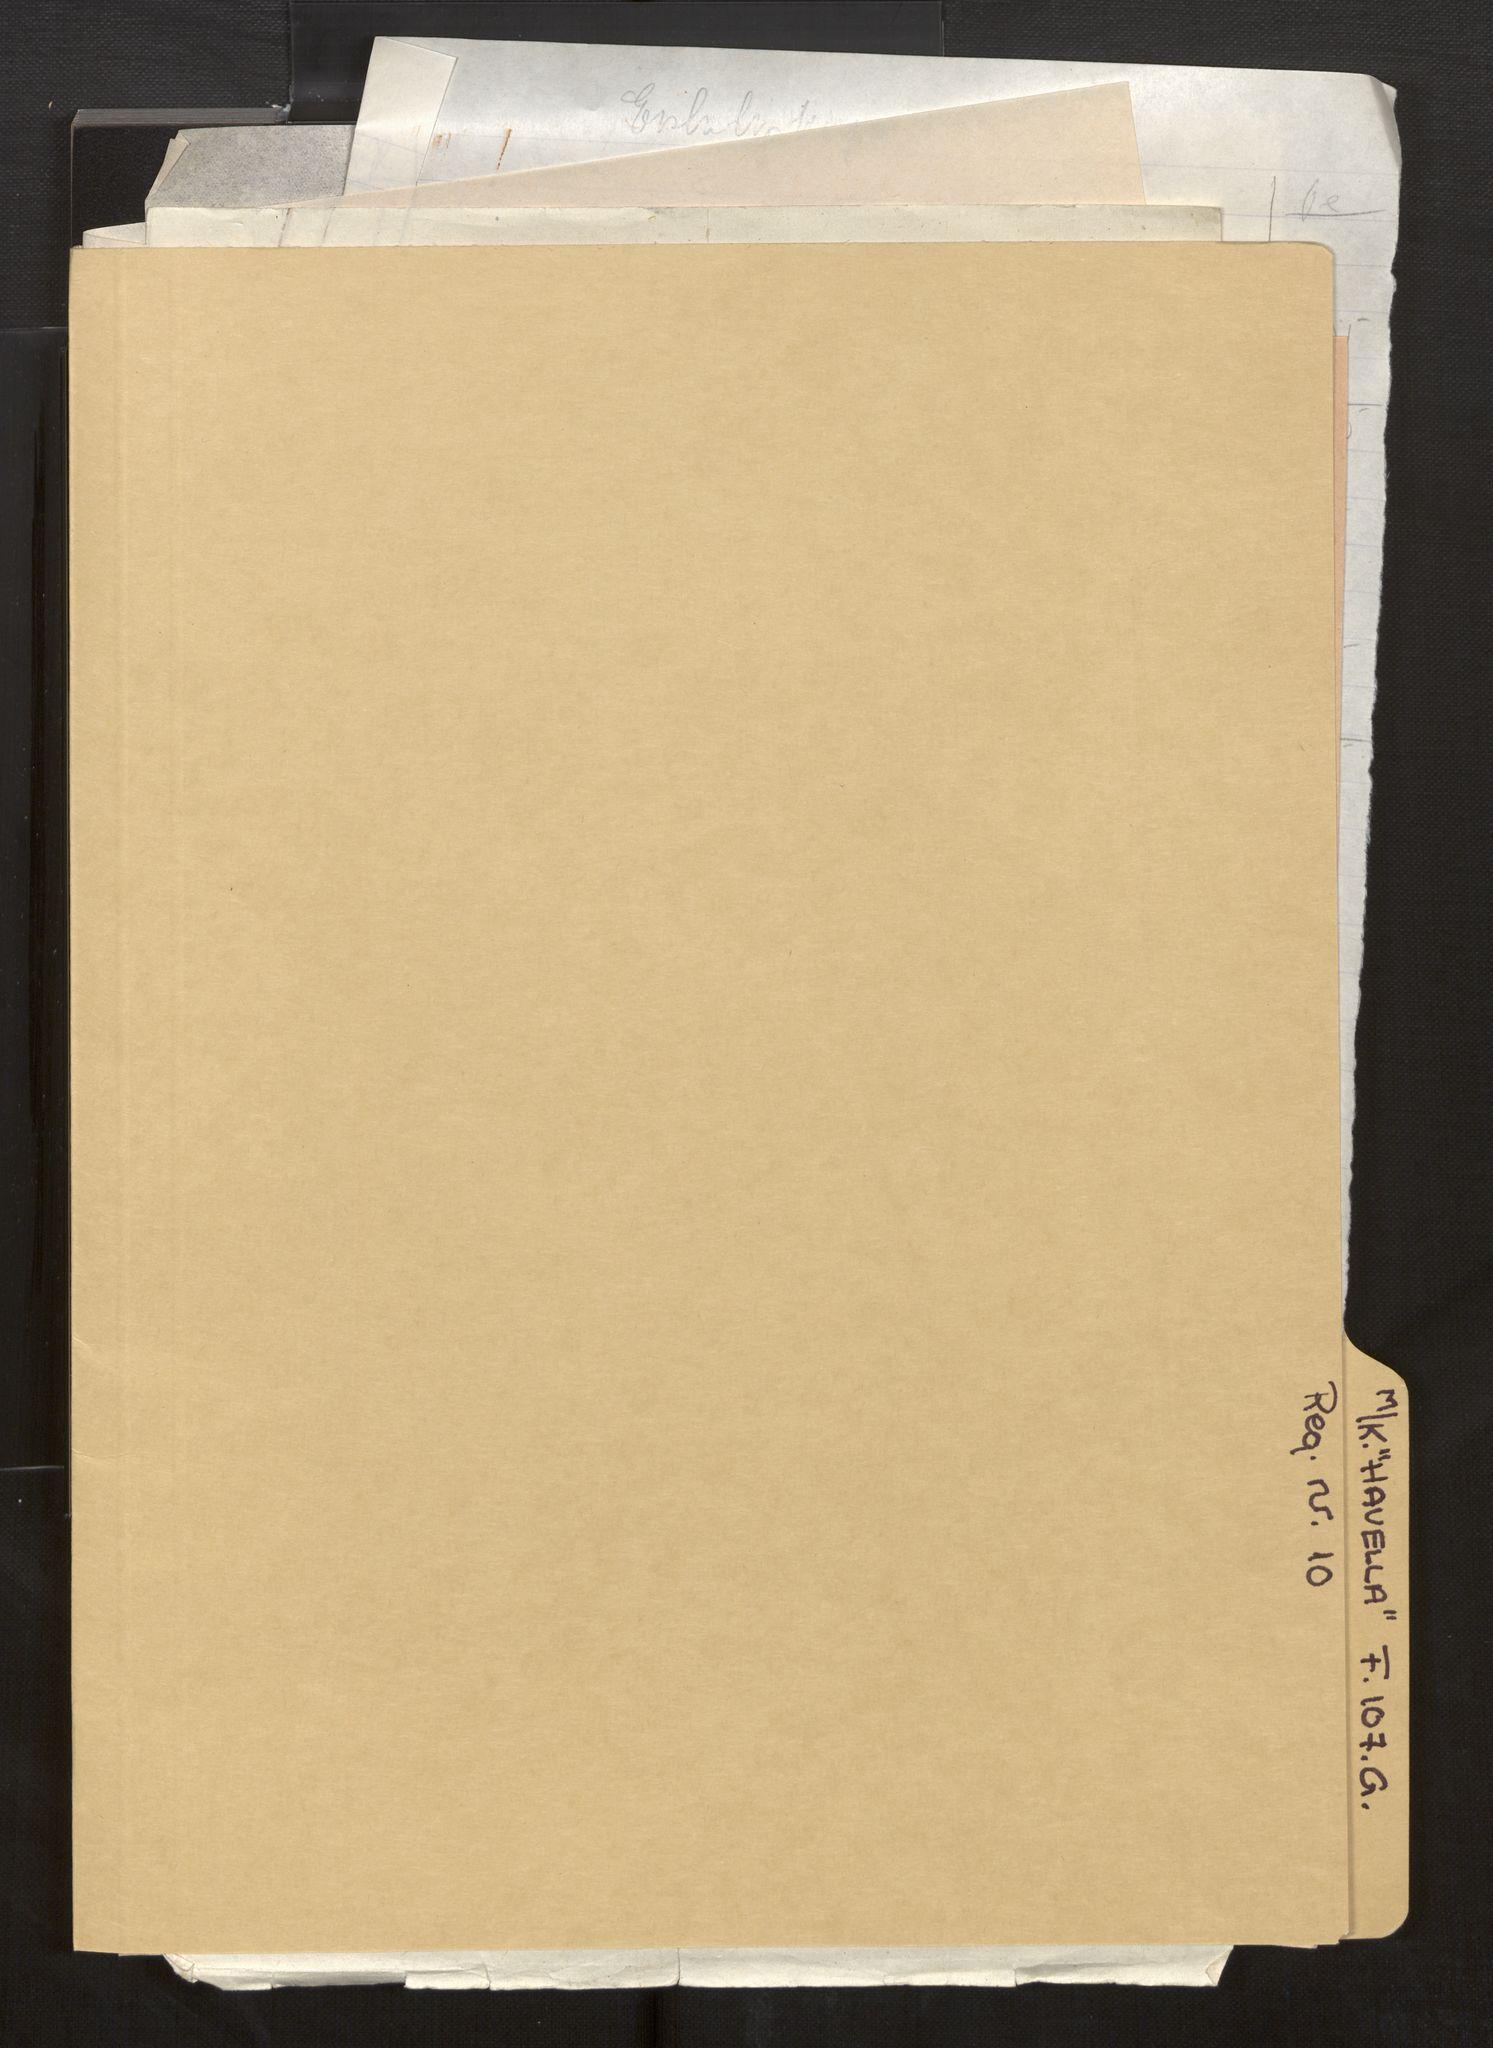 SAB, Fiskeridirektoratet - 1 Adm. ledelse - 13 Båtkontoret, La/L0042: Statens krigsforsikring for fiskeflåten, 1936-1971, p. 416